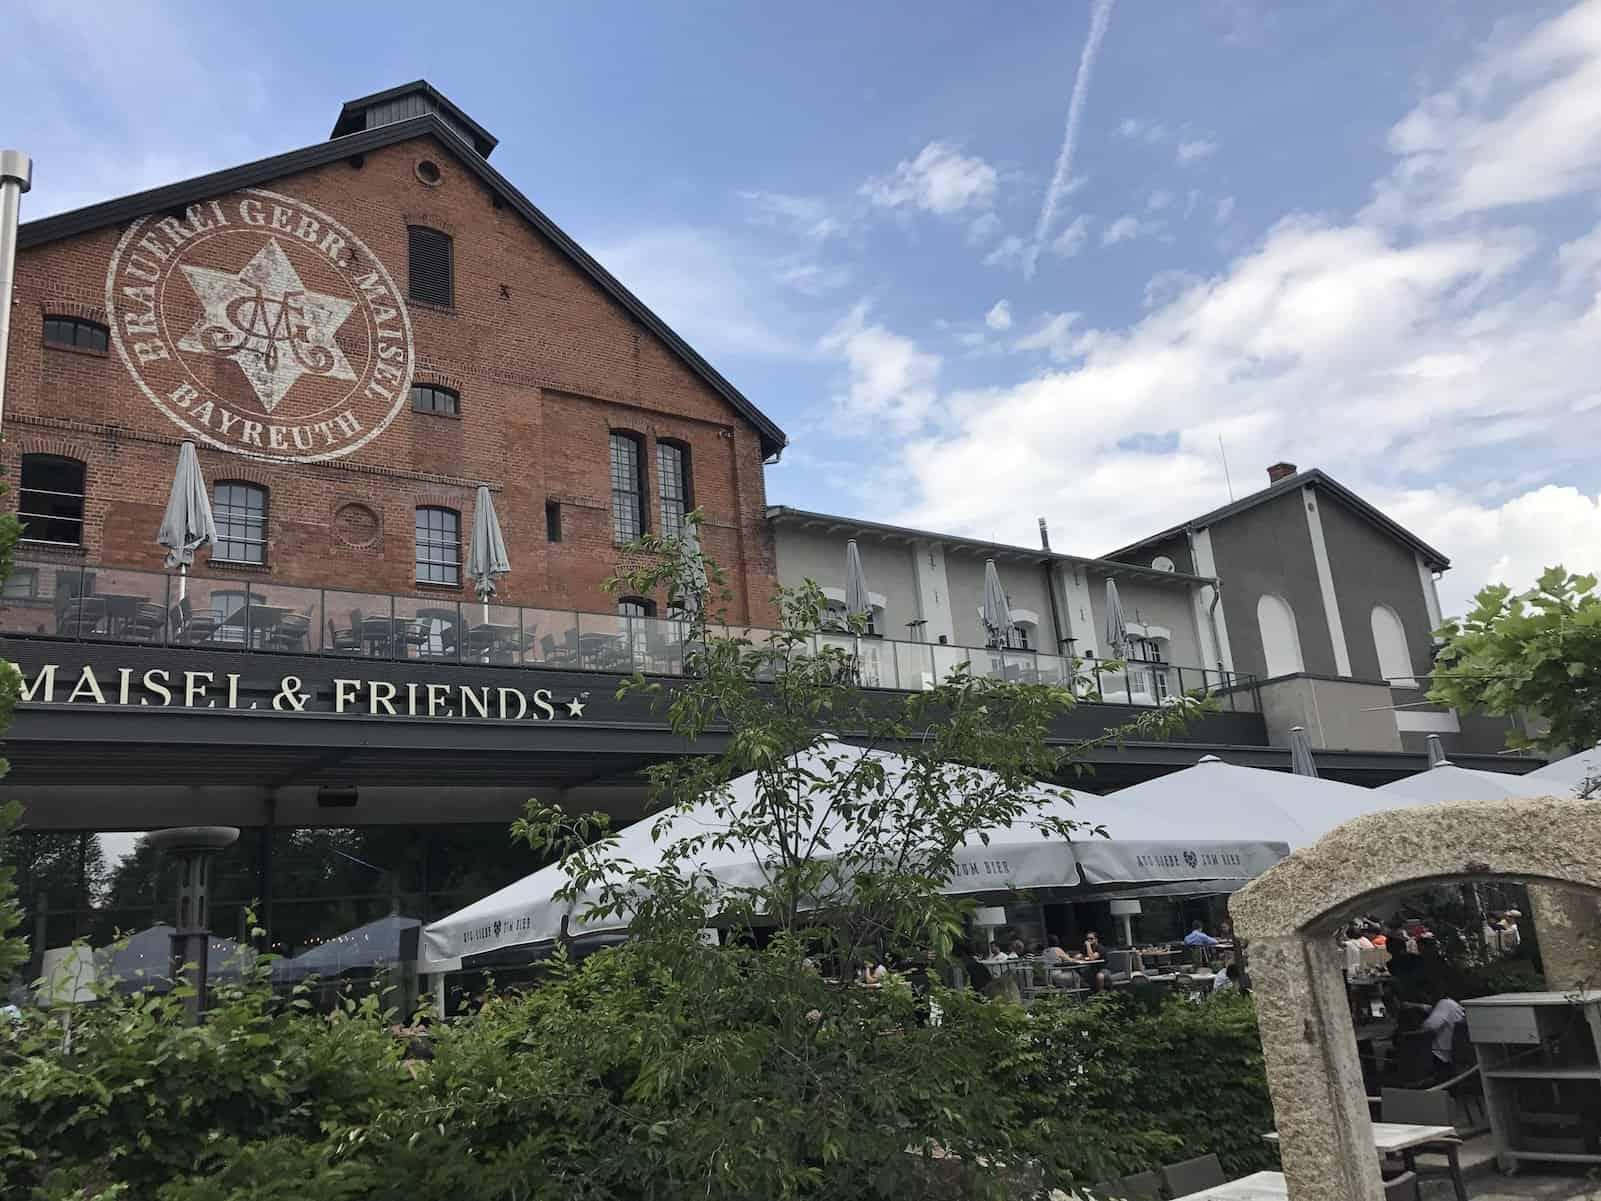 Blick in Richtung des Biergartens des Liebesbier von Maisel & Freinds Bayreuth